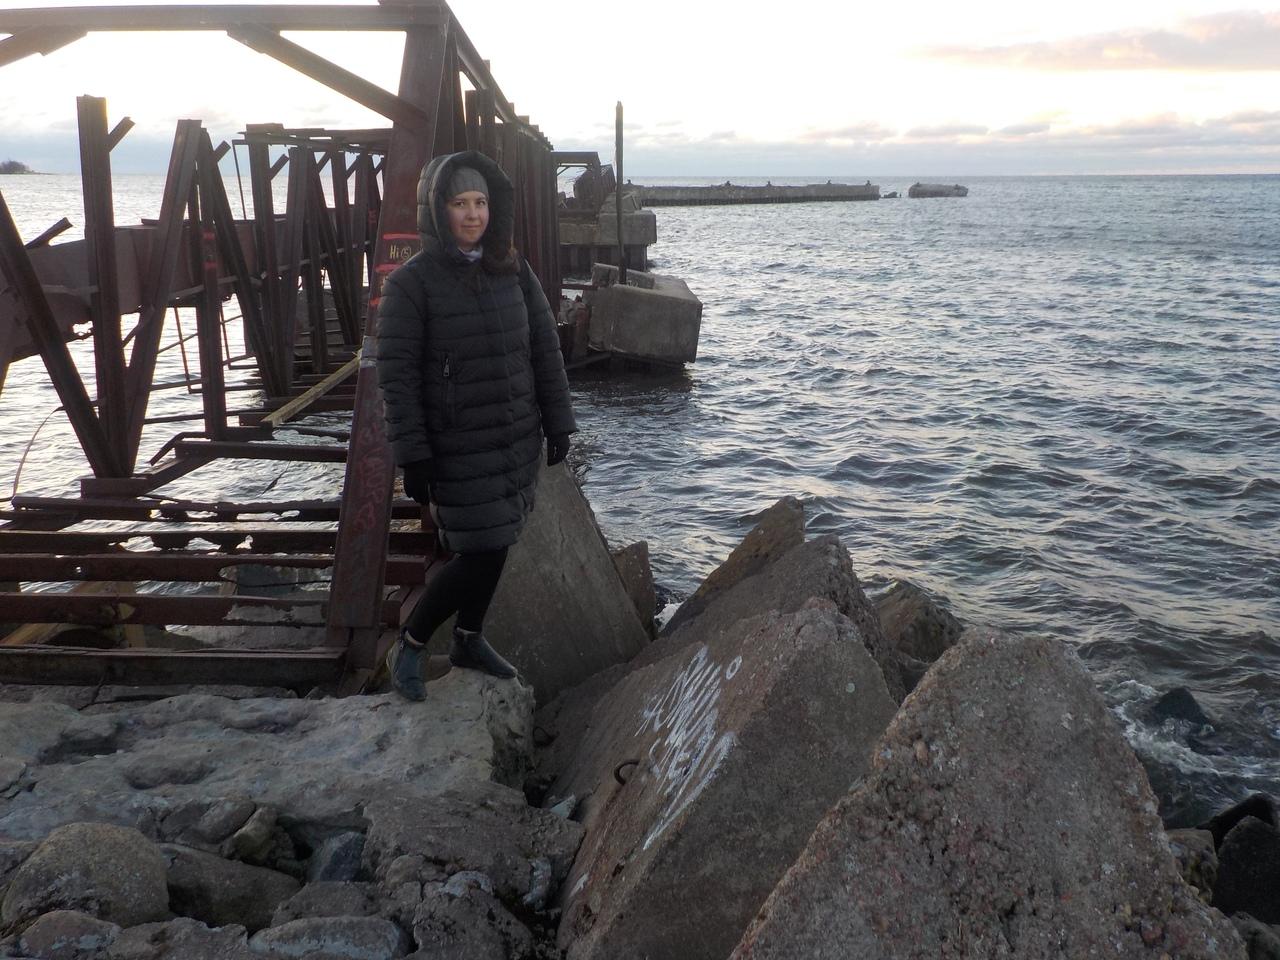 Поход 68км-Горавалдай-Шепелево. Часть 3: Бывшая секретная база заправки подводных лодок